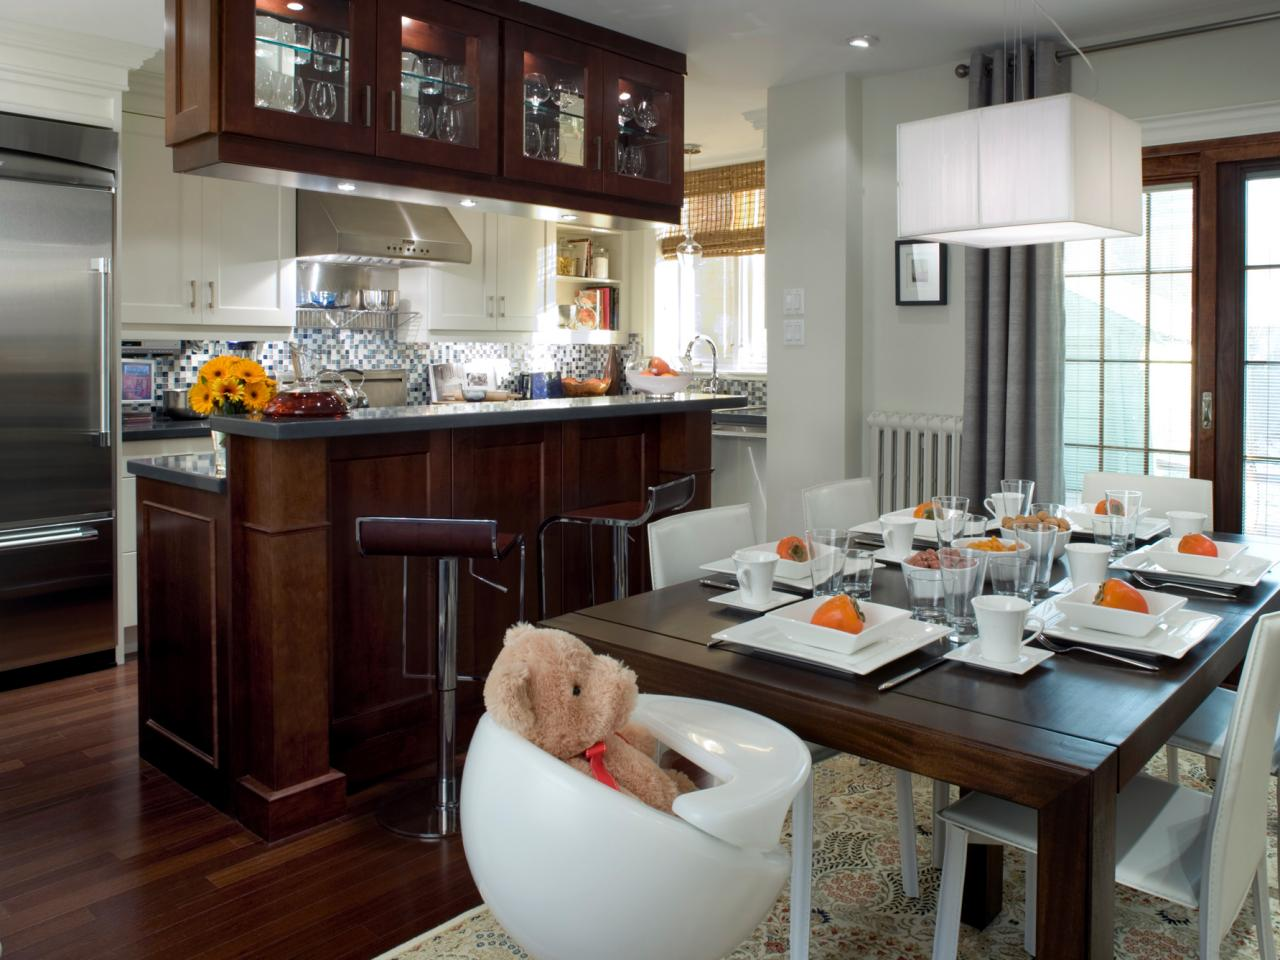 divine design kitchen ideas photo - 8